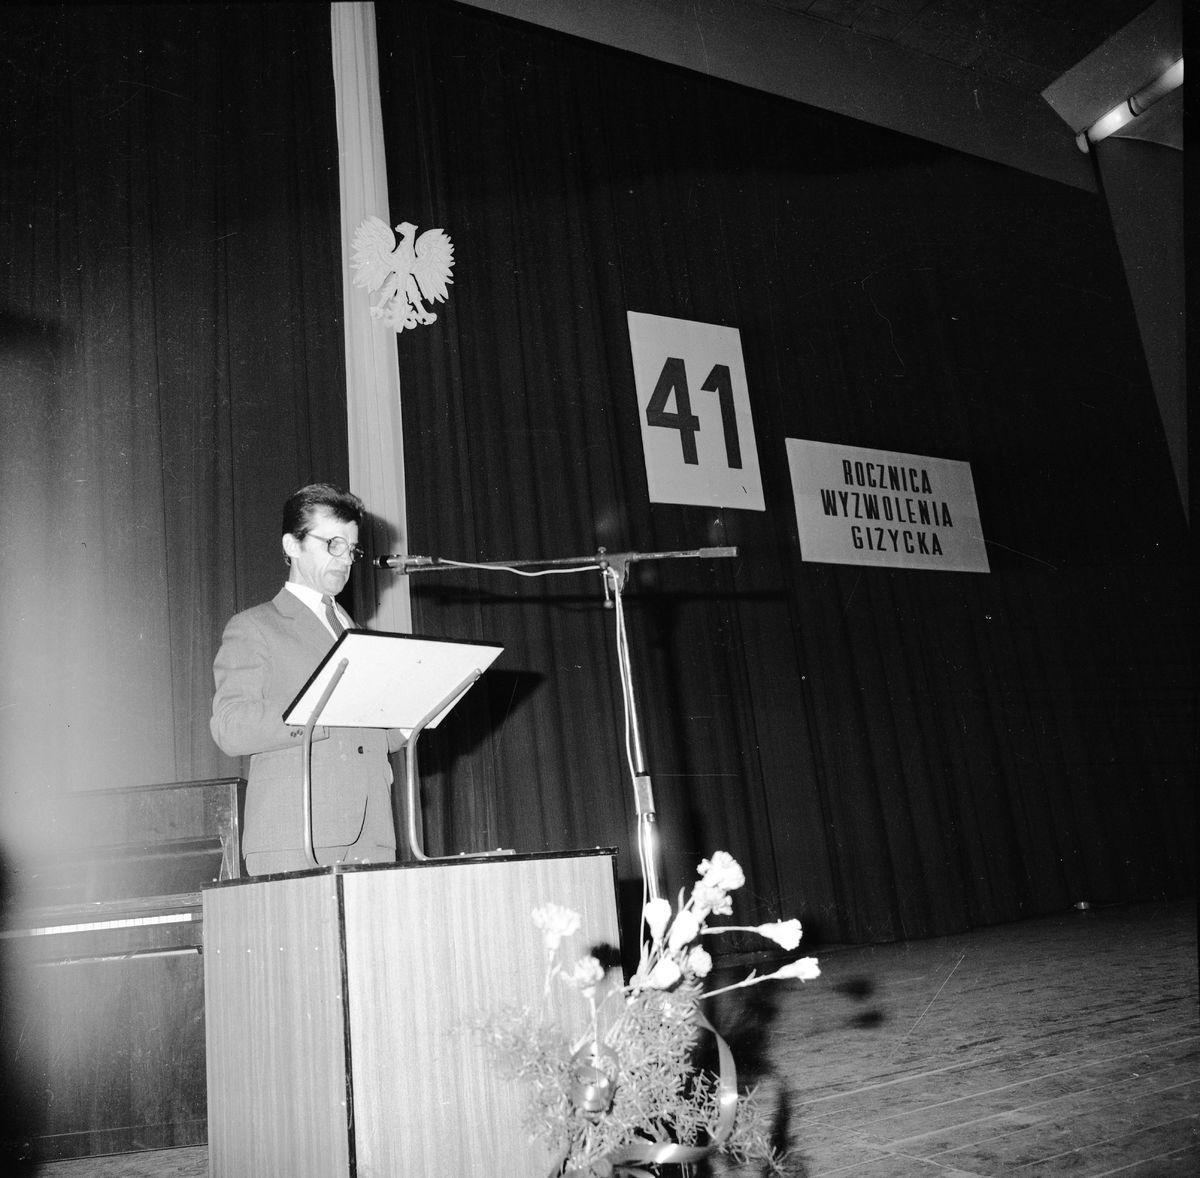 41. rocznica wyzwolenia Giżycka, 1986 r.